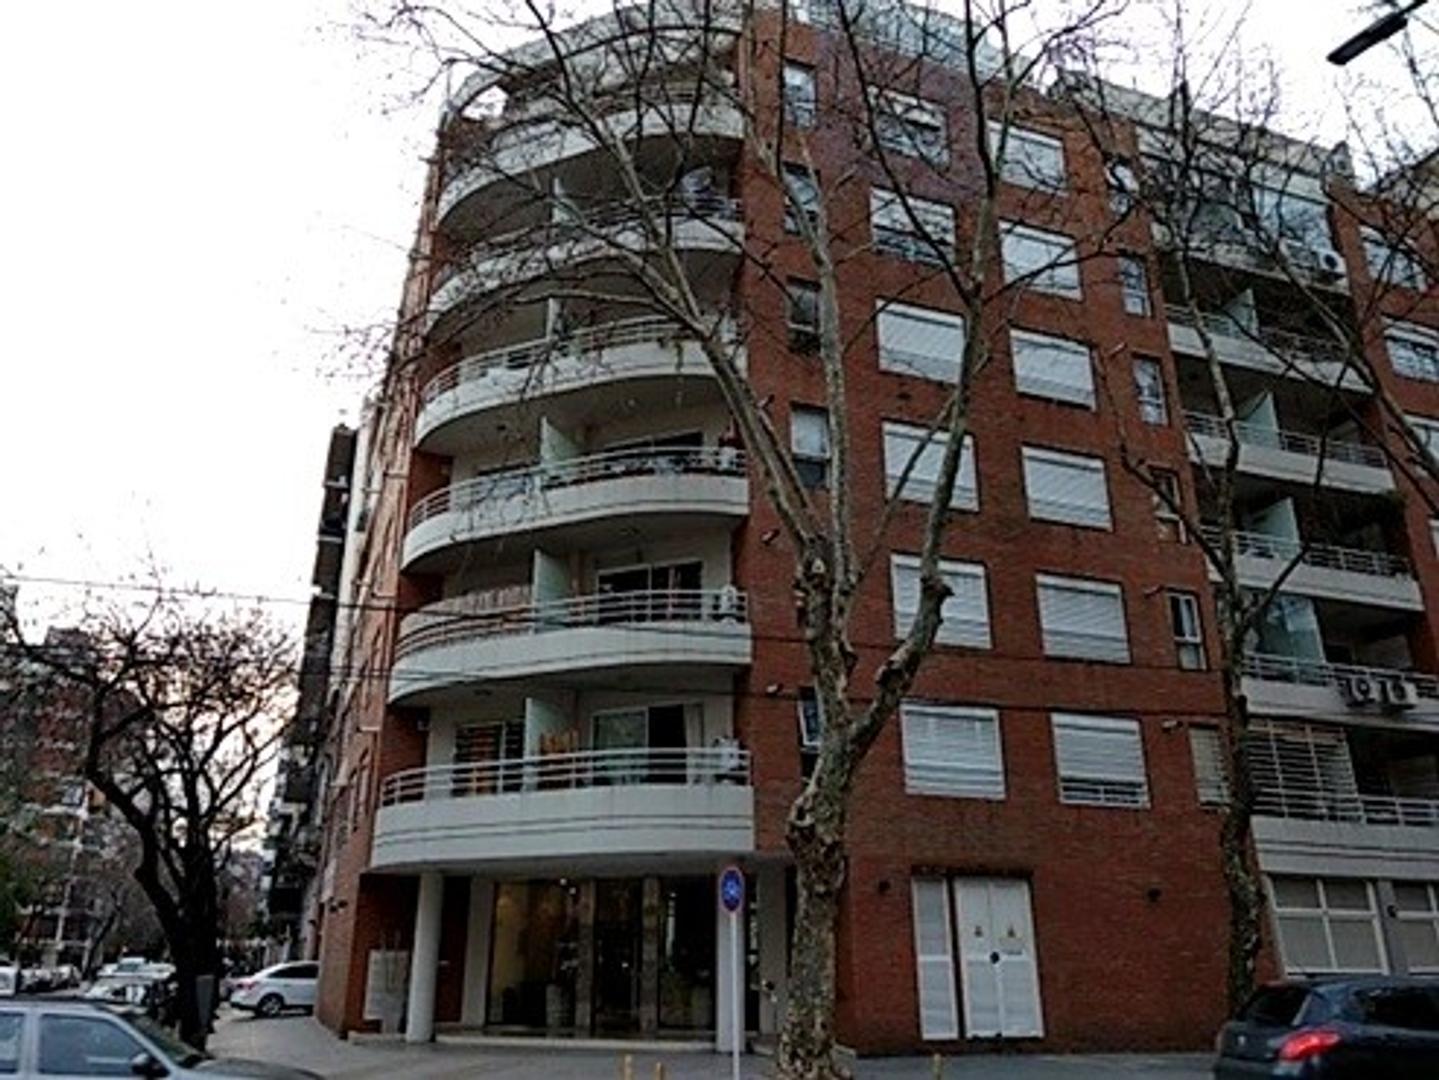 Almagro APTO CREDITO Venta departamento 3 ambientes depend. 82 m2 balcón frente muy lumin 2 cocheras